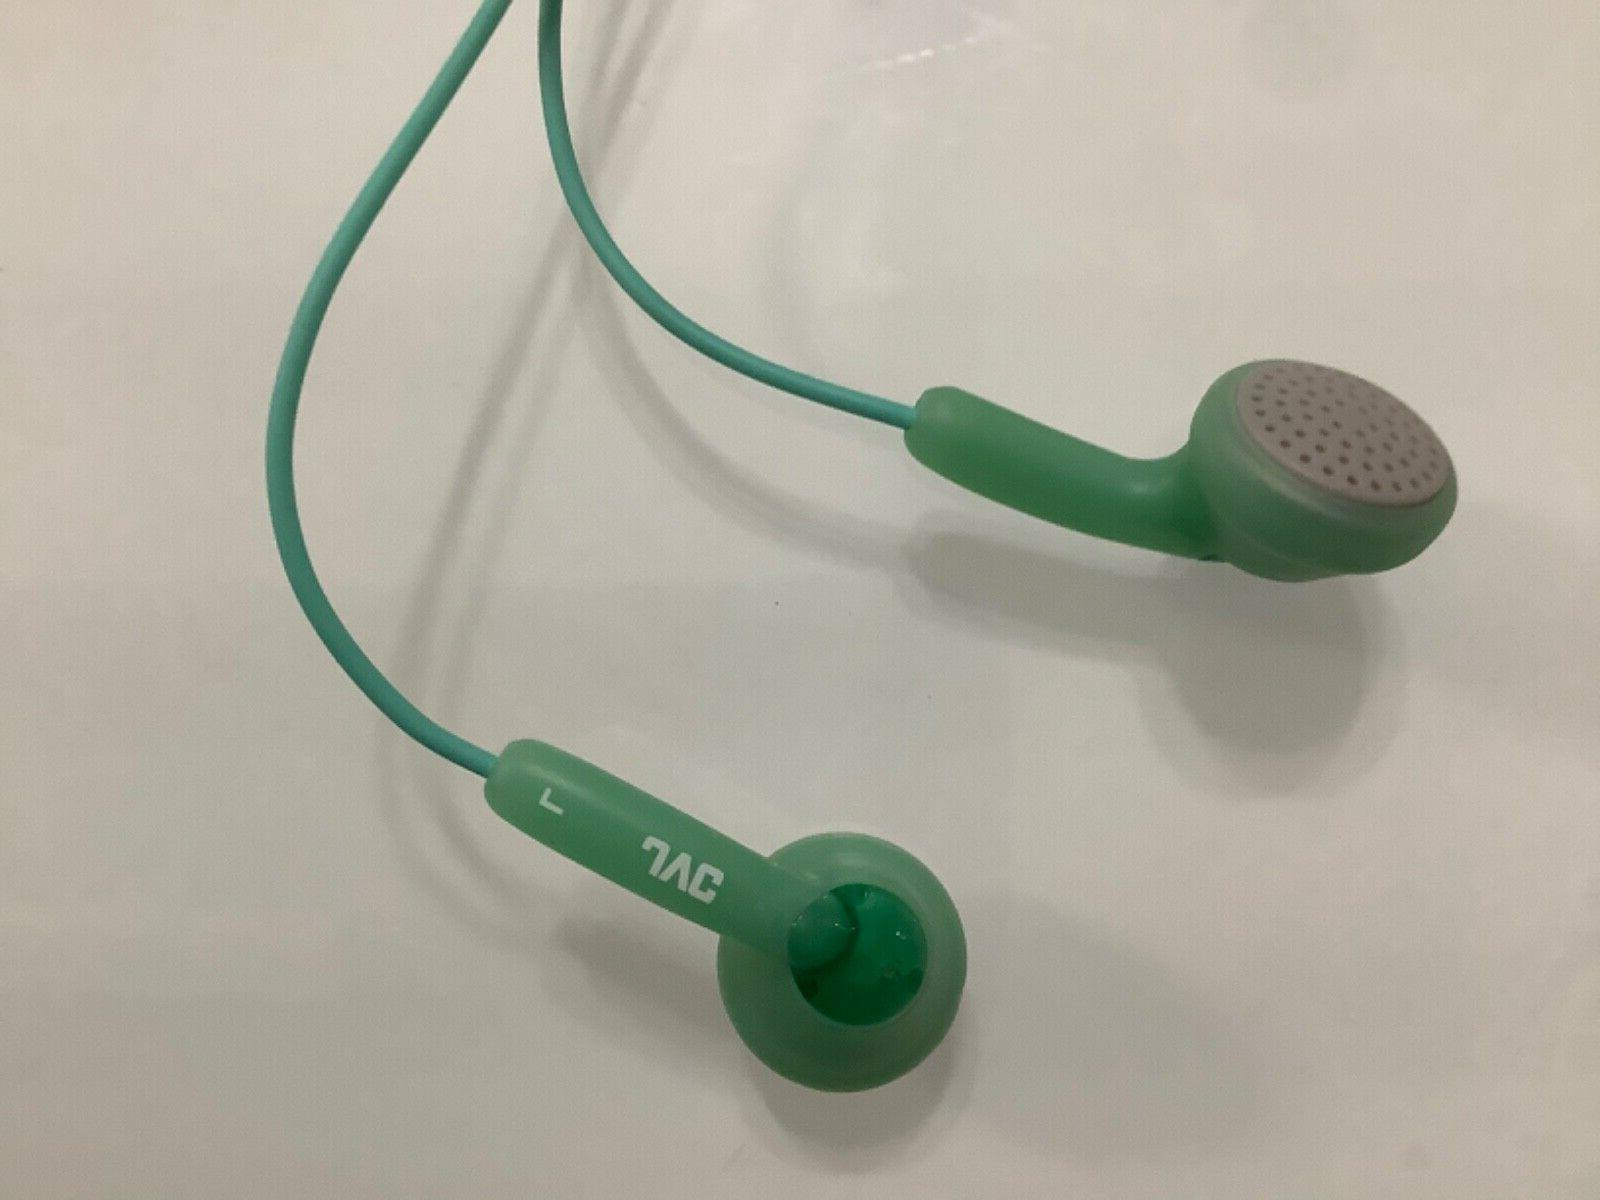 Genuine Gumy In-Ear Headphones Earbuds